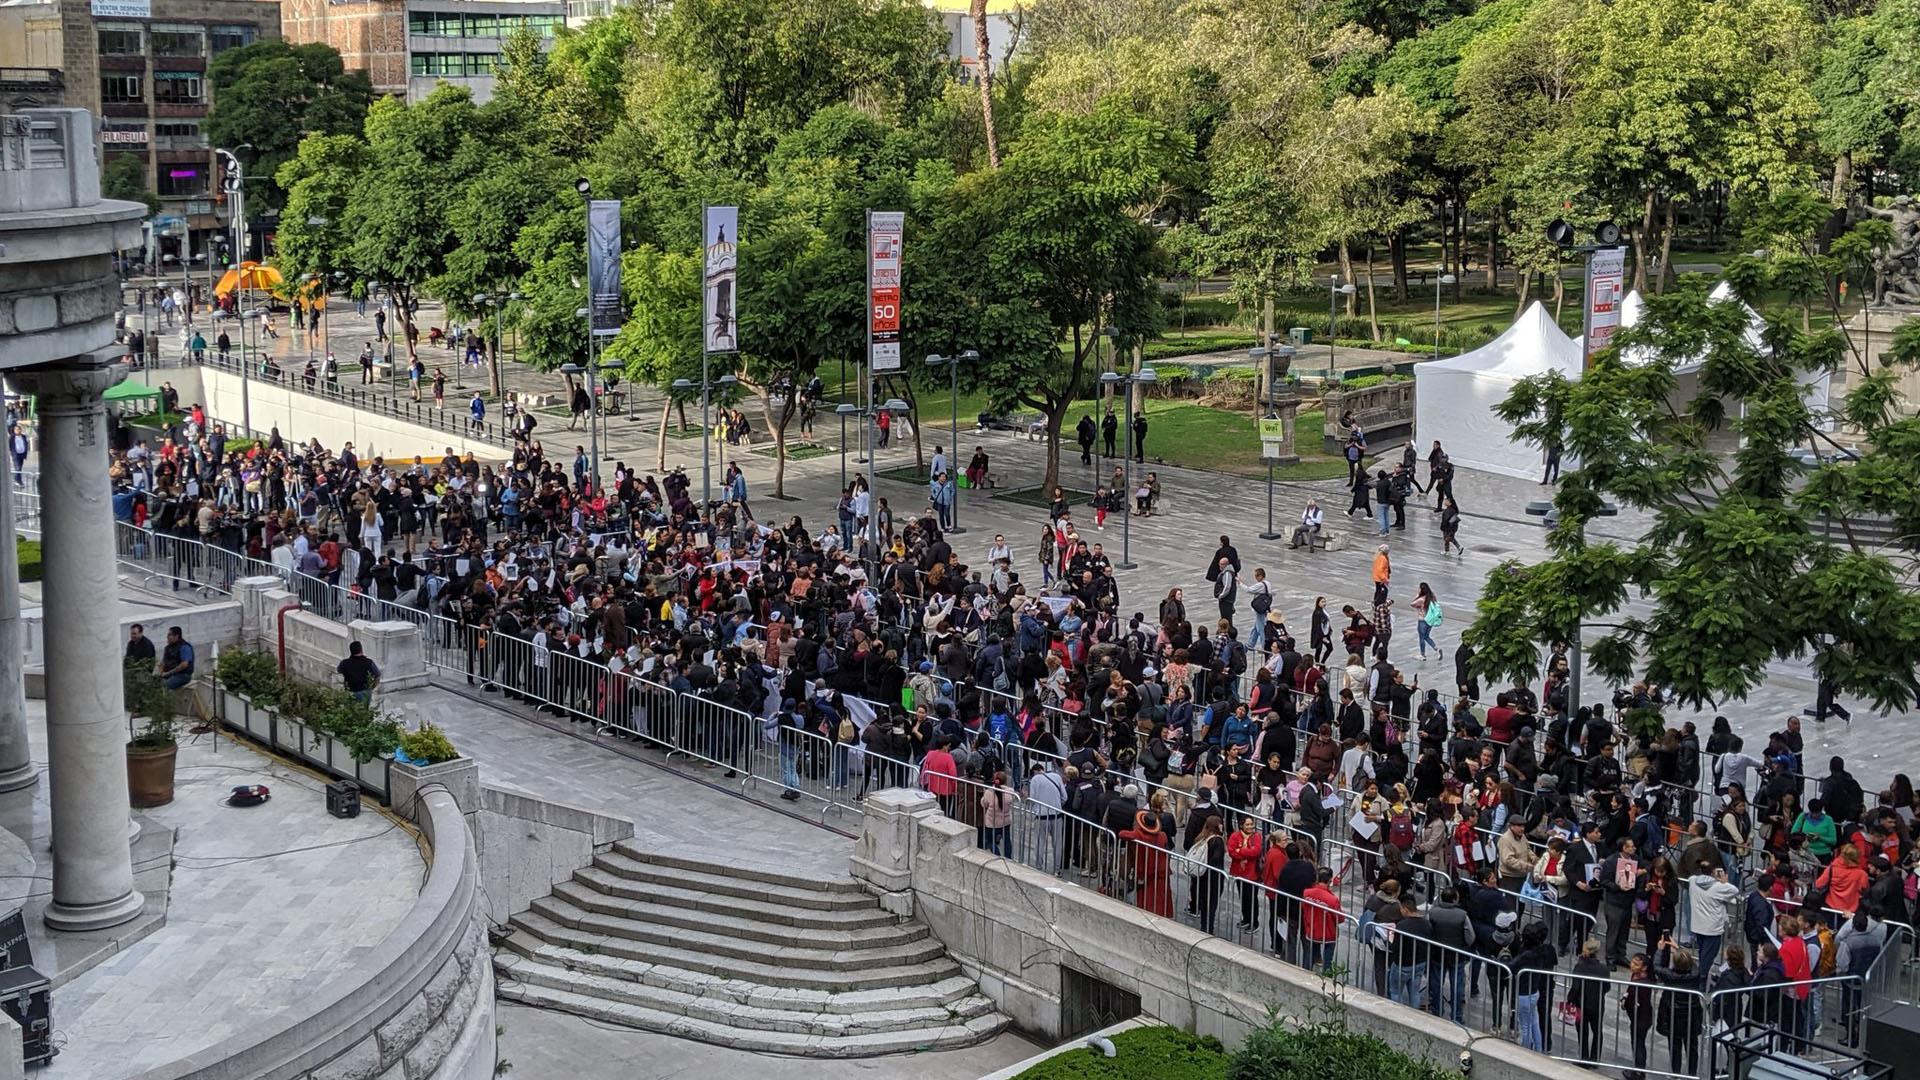 Cientos de personas hacen fila para ingresar al Palacio de Bellas Artes y dar el último adiós al cantante José José. Foto de @alefrausto